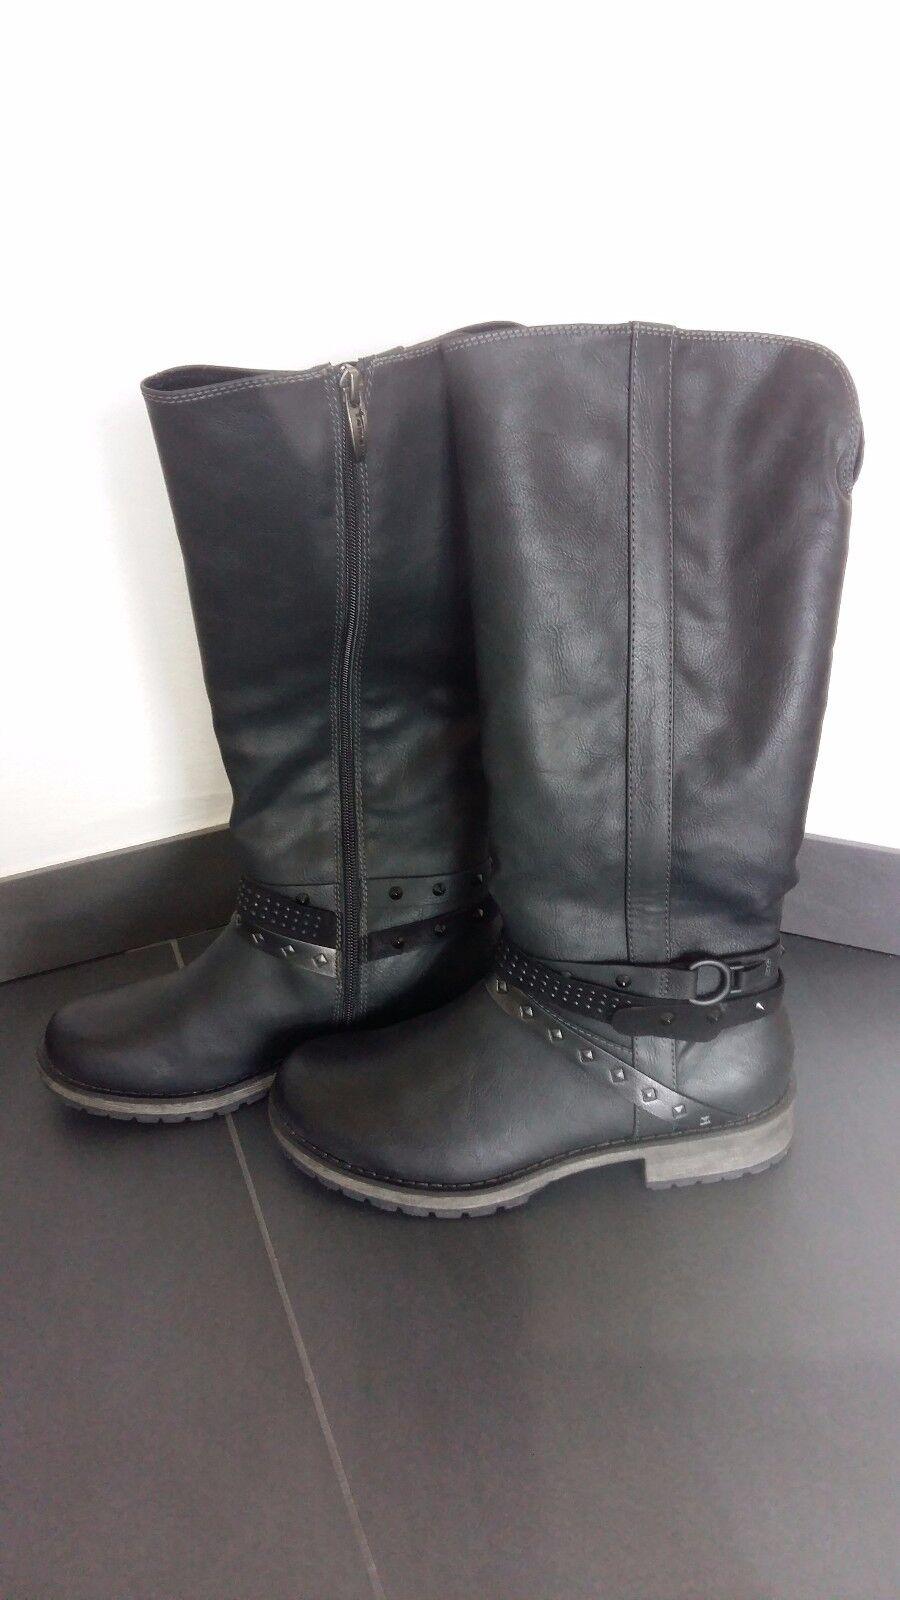 Tamaris Stiefel, schwarz, Größe 39